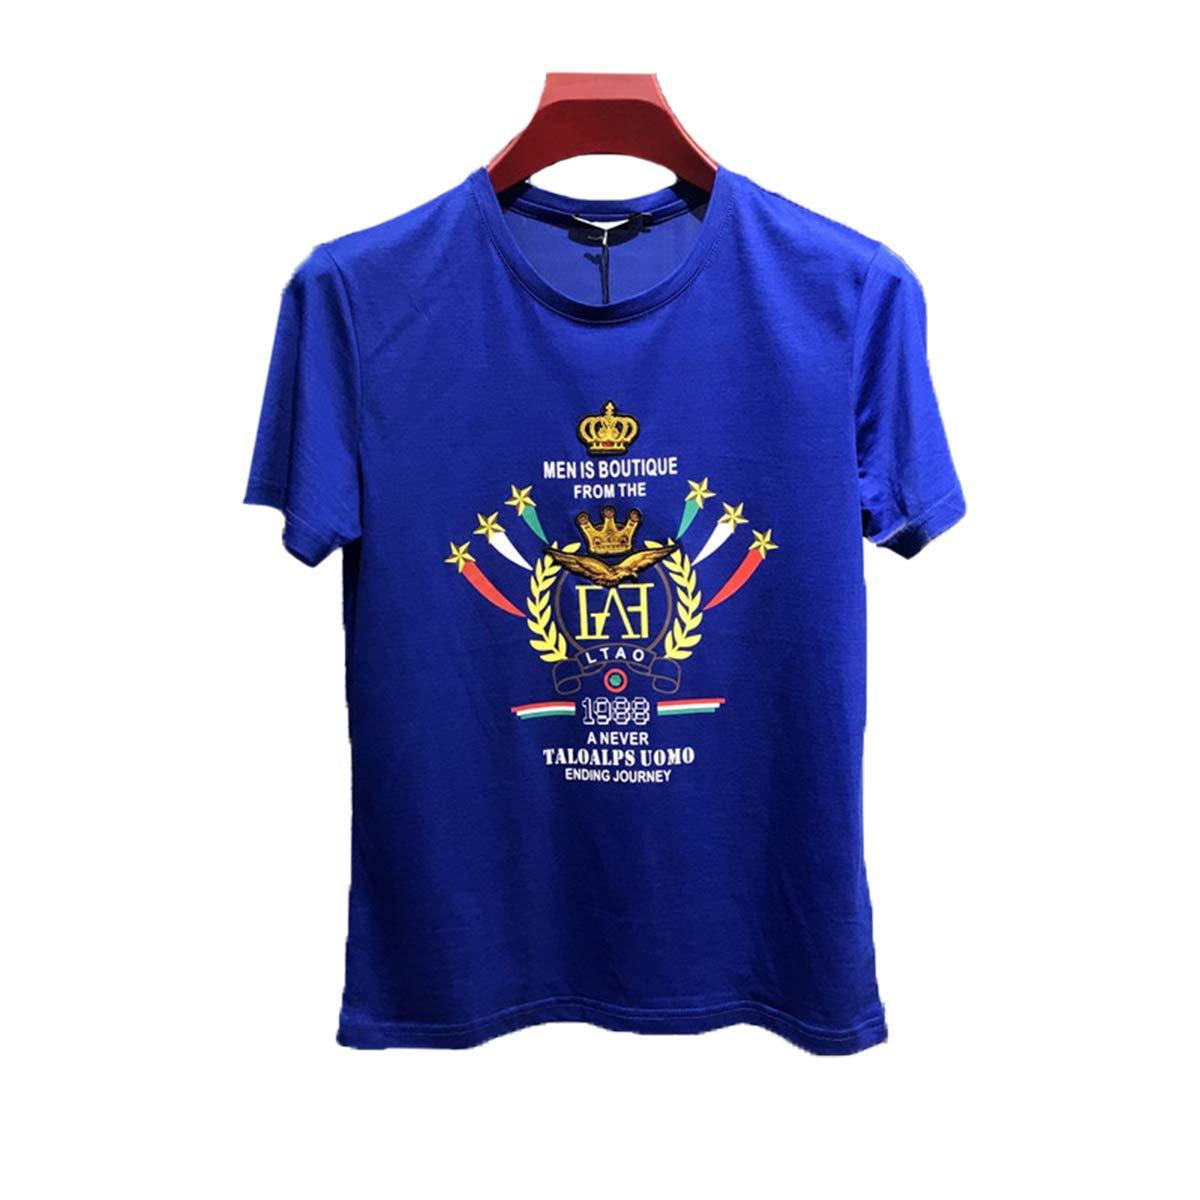 bleu 3XL T-Shirt à Manches Courtes De Crown Tee Shirt Décontracté pour Homme